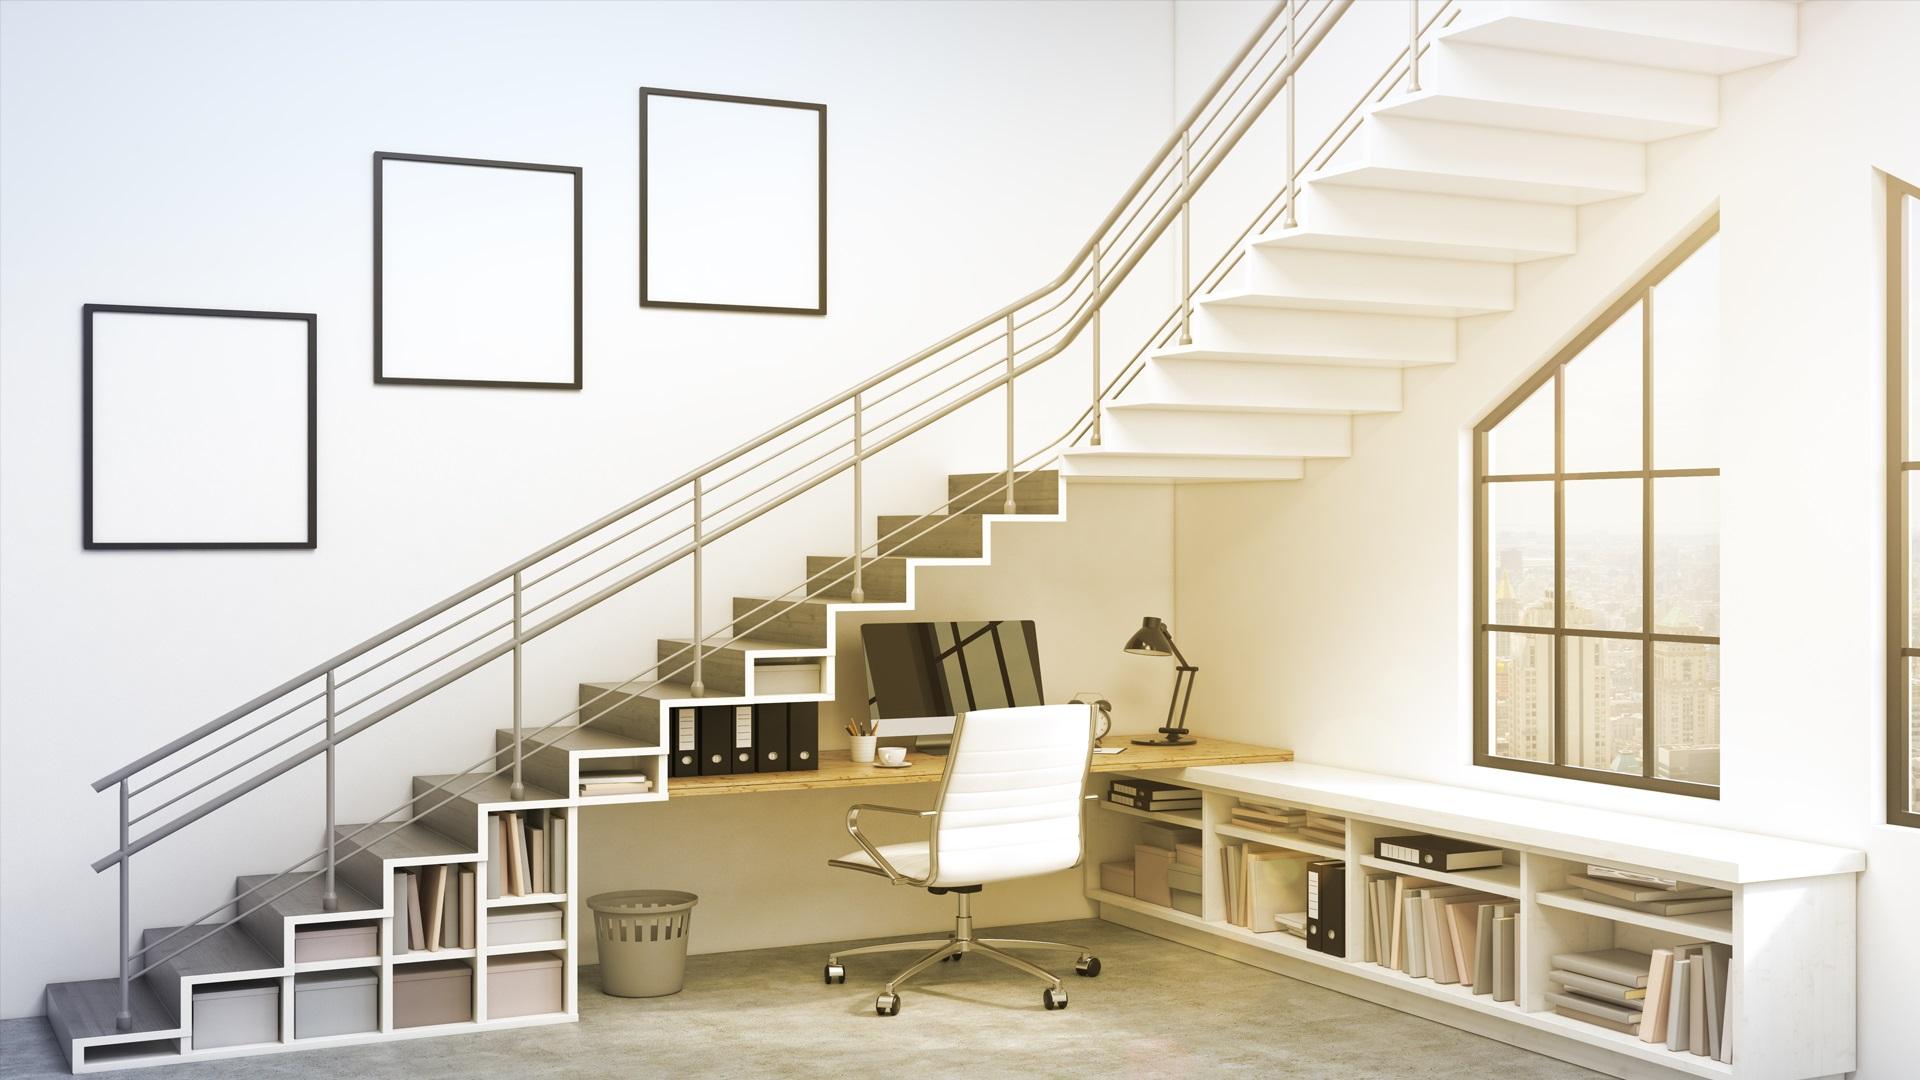 सीढ़ियों के नीचे की खाली जगह को आप स्टडी रूम के लिए यूज कर सकते हैं।